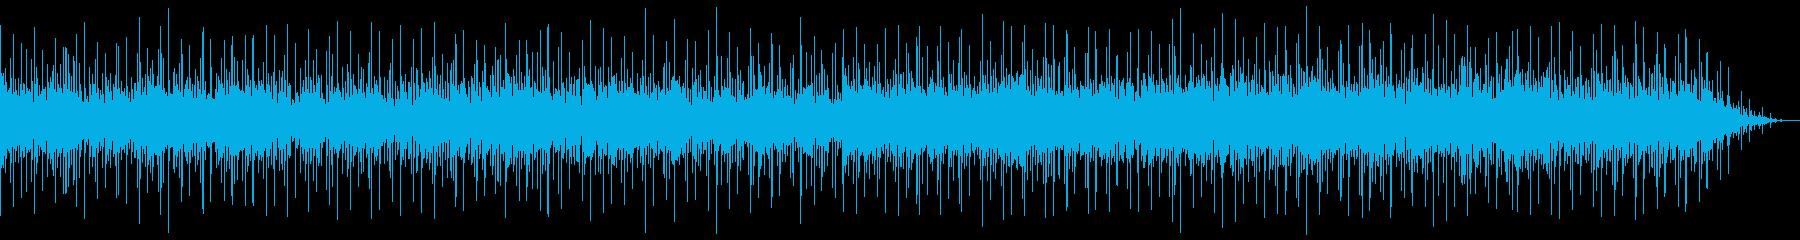 とても心地の良い落ち着いた音の再生済みの波形